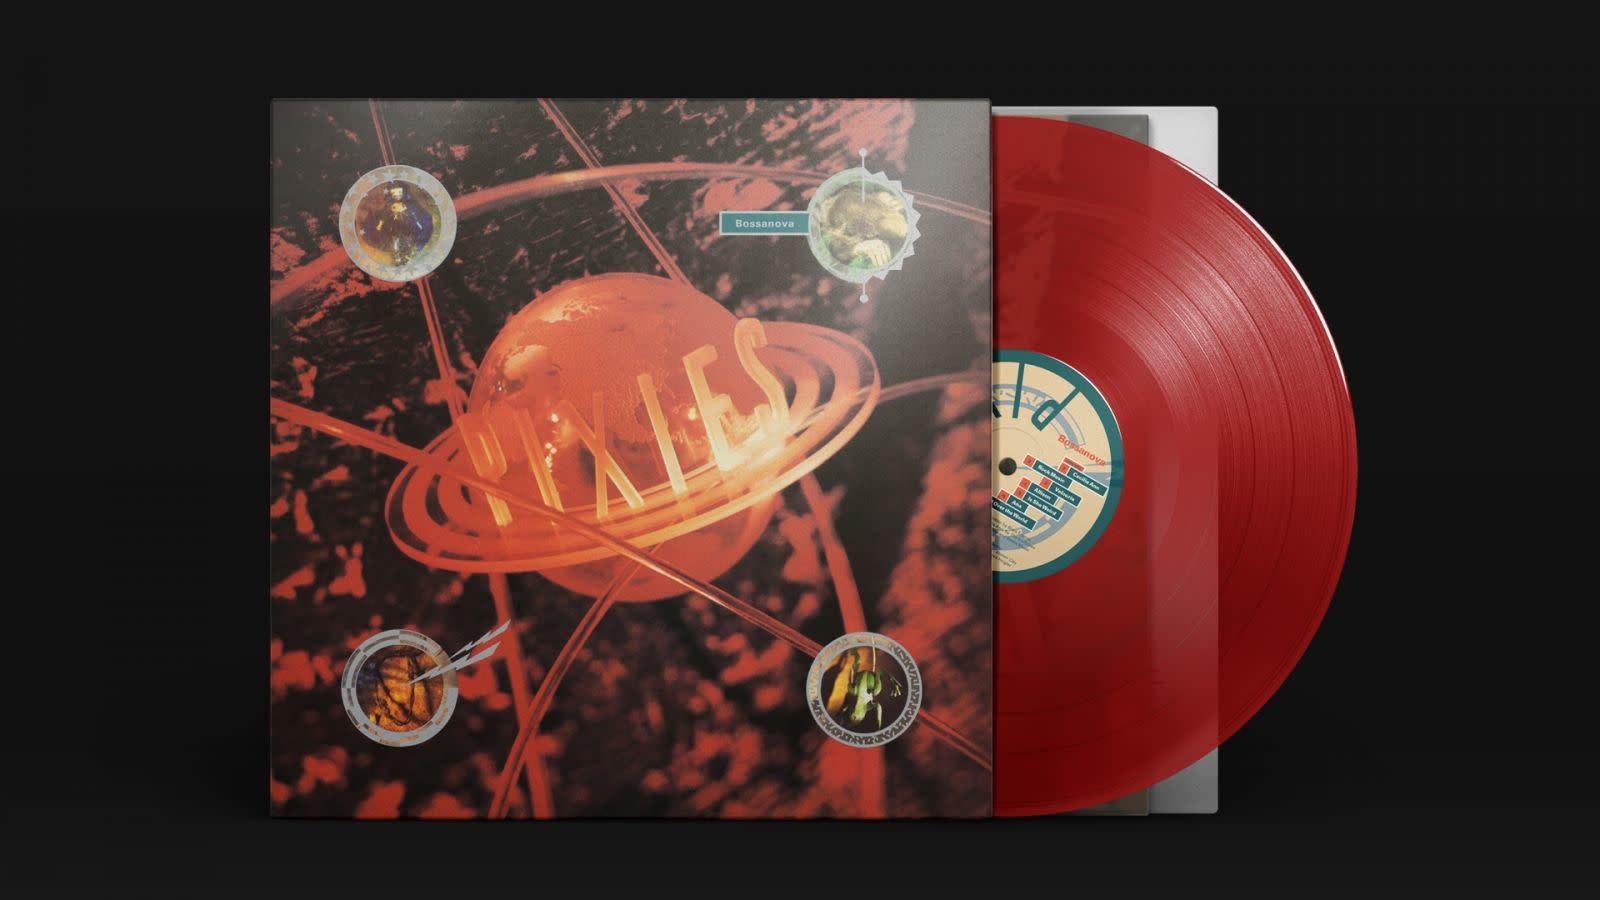 Pixies • Bossanova (Réédition couleur 30ème anniversaire)-2